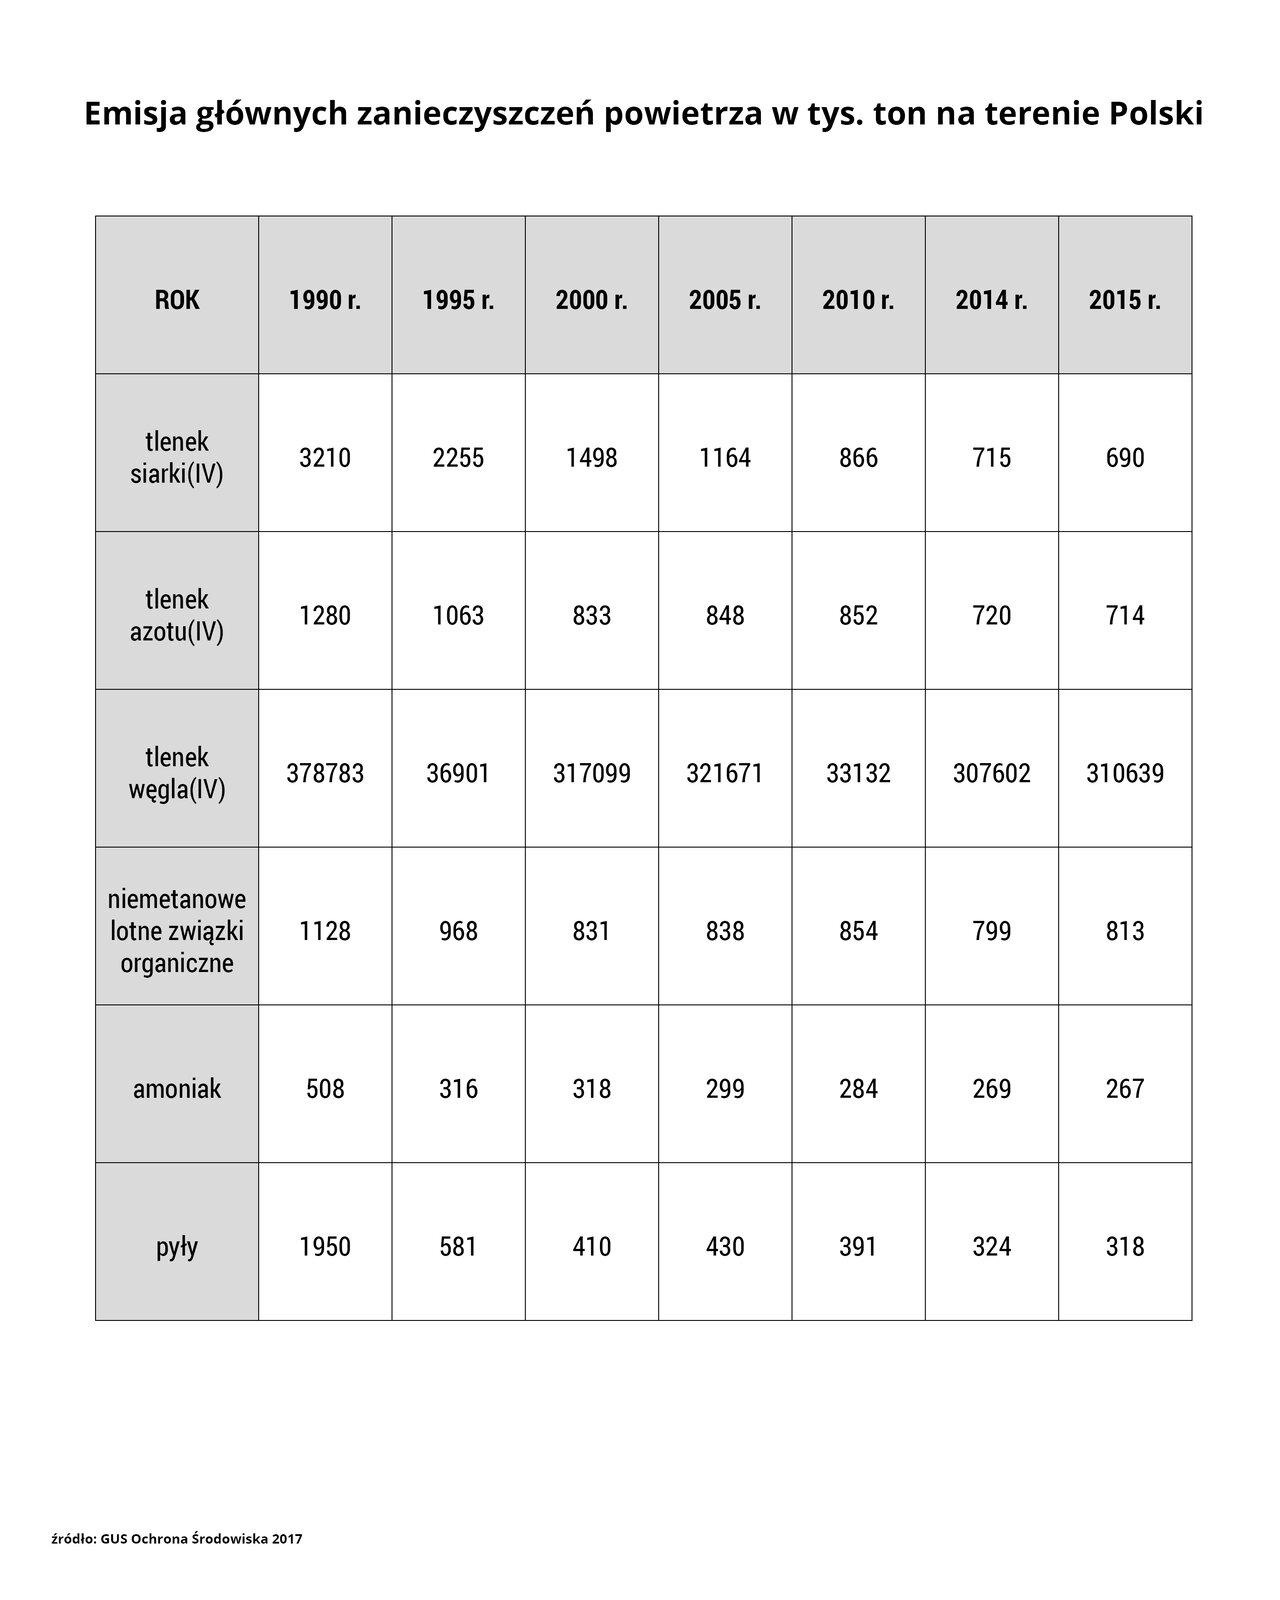 """Arkusz drugi zatytułowany jest: """"Emisja głównych zanieczyszczeń powietrza wtysiącach ton na terenie Polski"""". Arkusz przedstawia tabelę zposzczególnymi związkami chemicznymi iich emisją wyrażoną wtysiącach ton na przestrzeni lat 1990–2015. Dane pochodzą z2017 roku – zGłównego Urzędu Statystycznego Ochrony Środowiska. Wtabeli wymienione jest sześć substancji iwielkość ich emisji wsiedmiu różnych latach: 1990 rok, 1995 rok, 2000 rok, 2005 rok, 2010 rok, 2014 rok, 2015 rok. Tlenek siarki cztery – jego emisja w1990 roku wynosiła 3210 ton, w1995 roku wynosiła 2255 ton, w2000 roku 1498 ton, w2005 roku 1164 ton, w2010 roku wynosiła 866 ton, w2014 roku 715 ton, a2015 roku 690 ton. Tlenek azotu cztery – jego emisja w1990 roku wynosiła 1280 ton, w1995 roku wynosiła 1063 ton, w2000 roku 833 ton, w2005 roku 848 ton, w2010 roku wynosiła 852 ton, w2014 roku 720 ton, a2015 roku 714 ton. Tlenek węgla cztery – jego emisja w1990 roku wynosiła 378783 ton, w1995 roku wynosiła 36901 ton, w2000 roku 317099 ton, w2005 roku 321671 ton, w2010 roku wynosiła 33132 ton, w2014 roku 307602 ton, a2015 roku 310639 ton. Niemetanowe lotne związki organiczne – ich emisja w1990 roku wynosiła 1128 ton, w1995 roku wynosiła 968 ton, w2000 roku 831 ton, w2005 roku 838 ton, w2010 roku wynosiła 854 ton, w2014 roku 799 ton, a2015 roku 813 ton. Amoniak – jego emisja w1990 roku wynosiła 508 ton, w1995 roku wynosiła 316 ton, w2000 roku 318 ton, w2005 roku 299 ton, w2010 roku wynosiła 284 ton, w2014 roku 269 ton, a2015 roku 267 ton. Pyły – ich emisja w1990 roku wynosiła 1950 ton, w1995 roku wynosiła 581 ton, w2000 roku 410 ton, w2005 roku 430 ton, w2010 roku wynosiła 430 ton, w2014 roku 324 ton, a2015 roku 318 ton."""